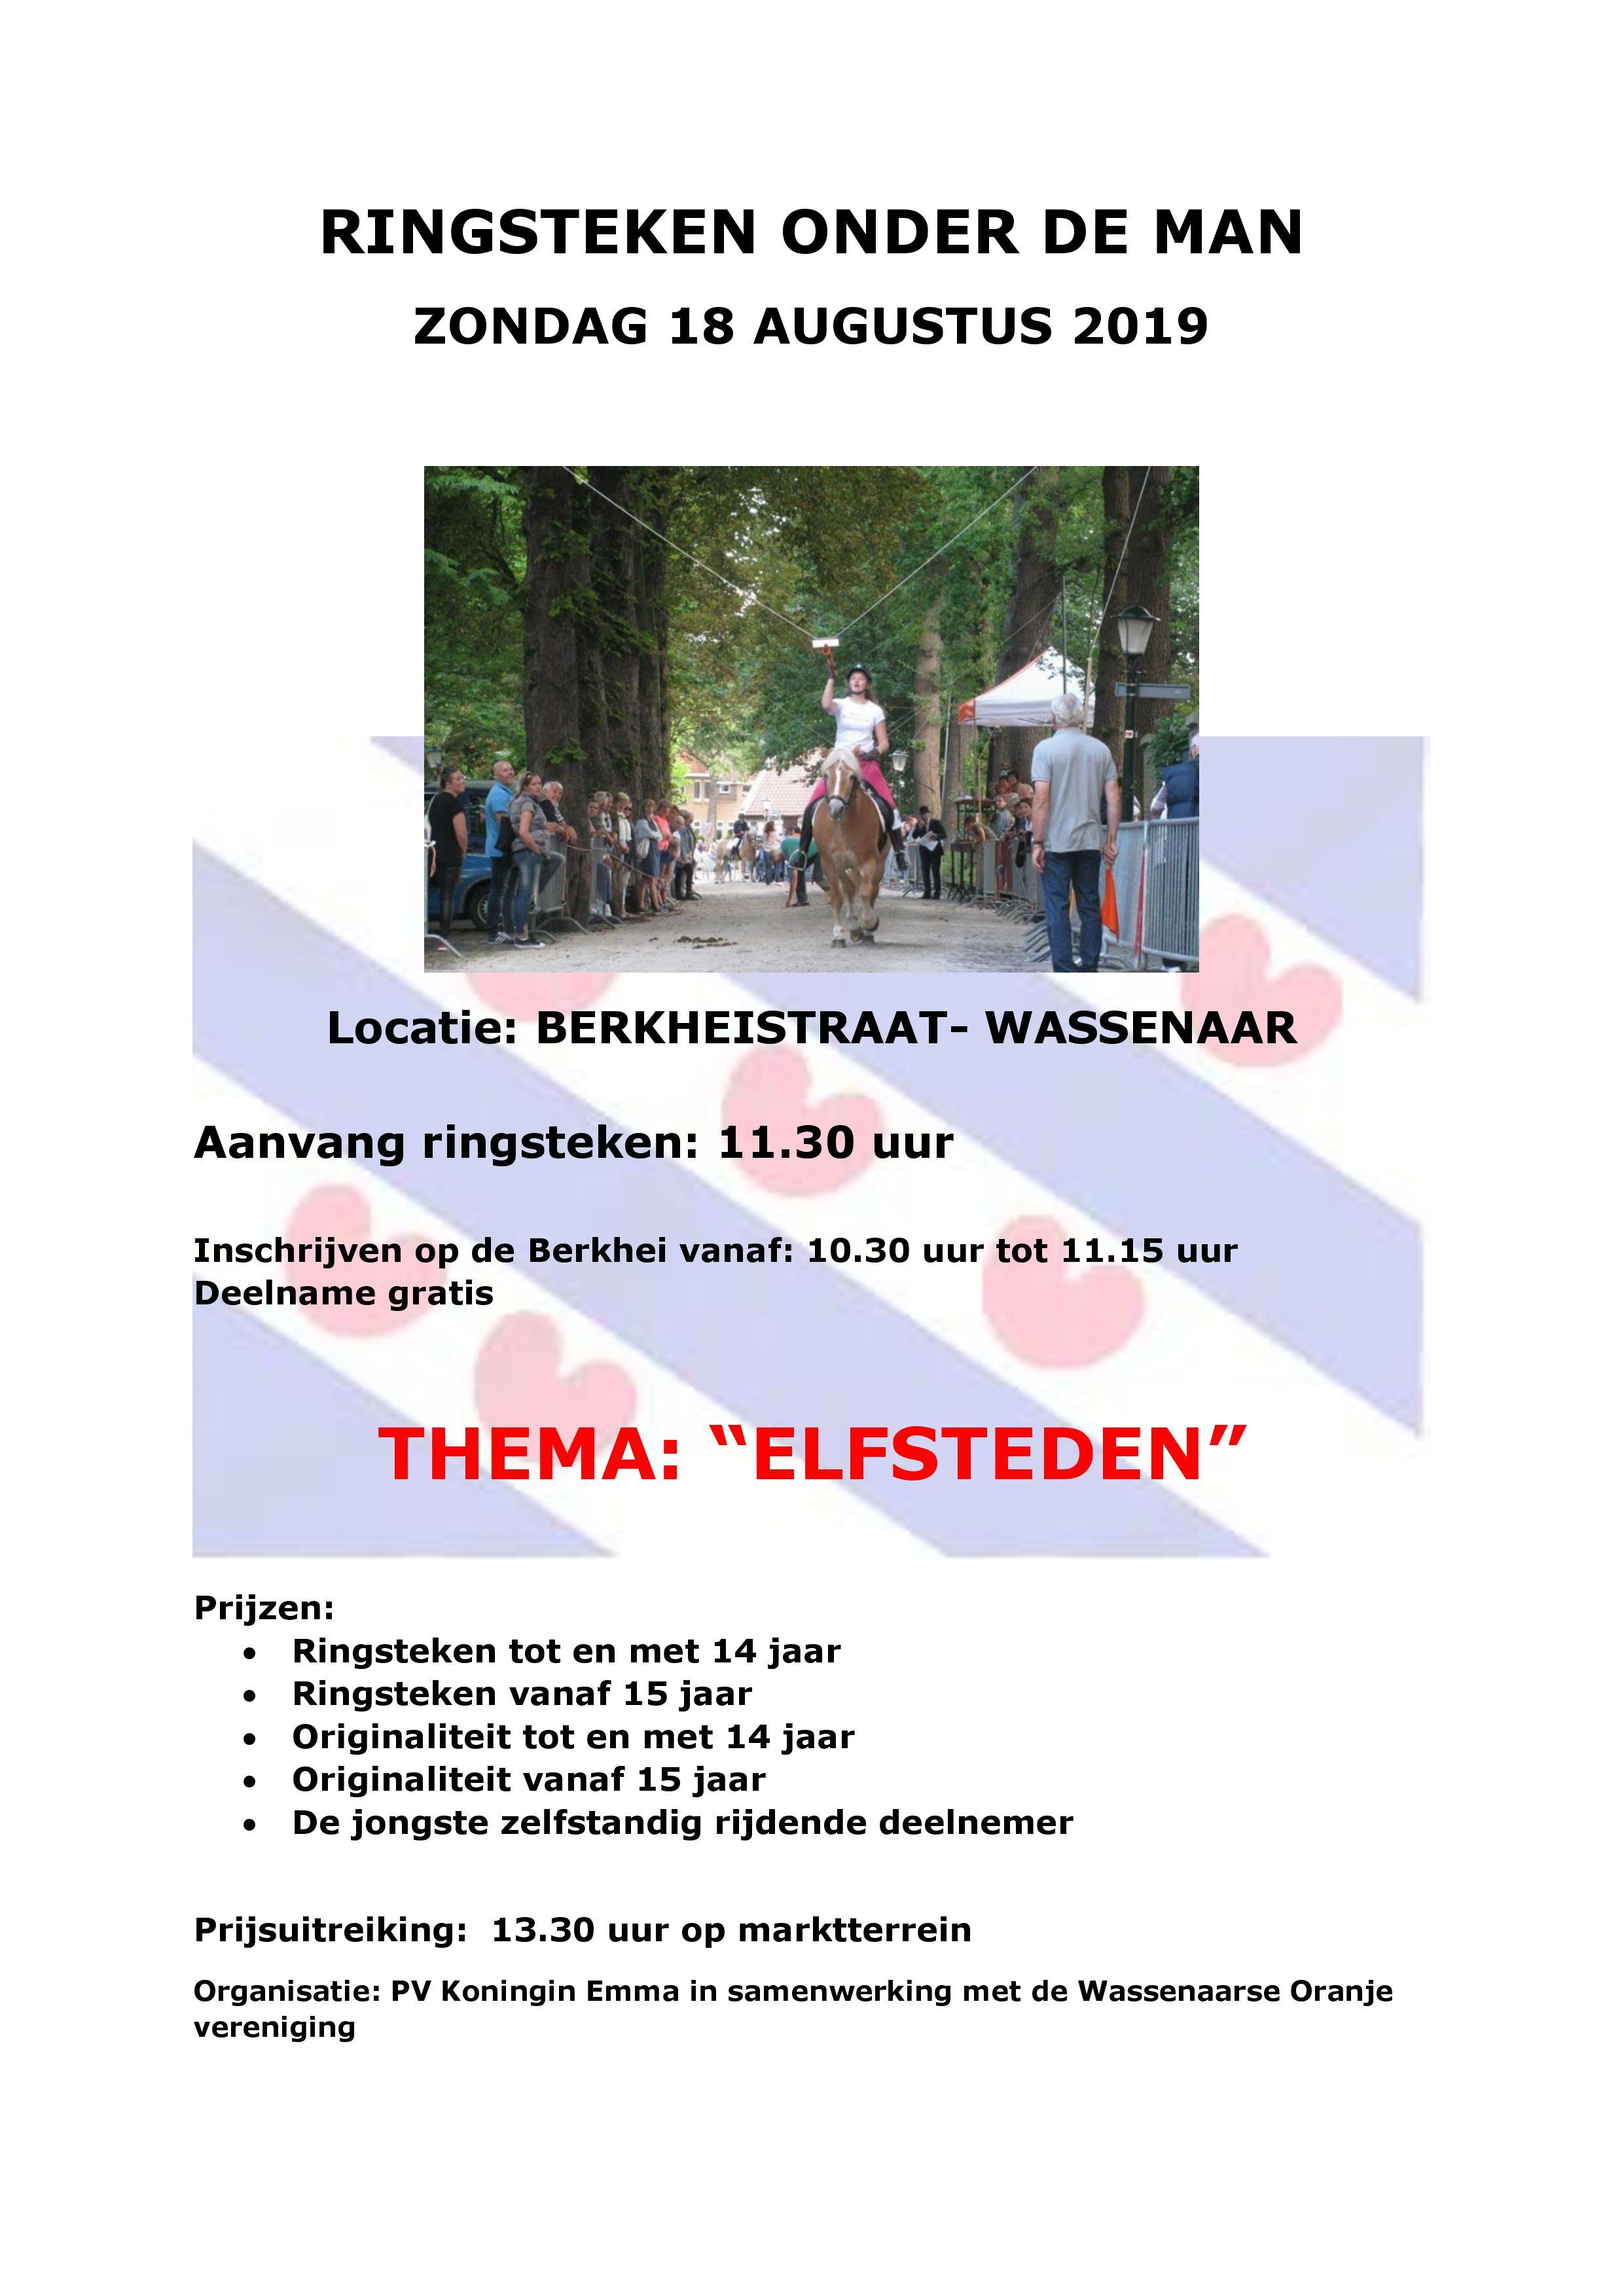 Ringsteken zondag 18 augustus in Wassenaar